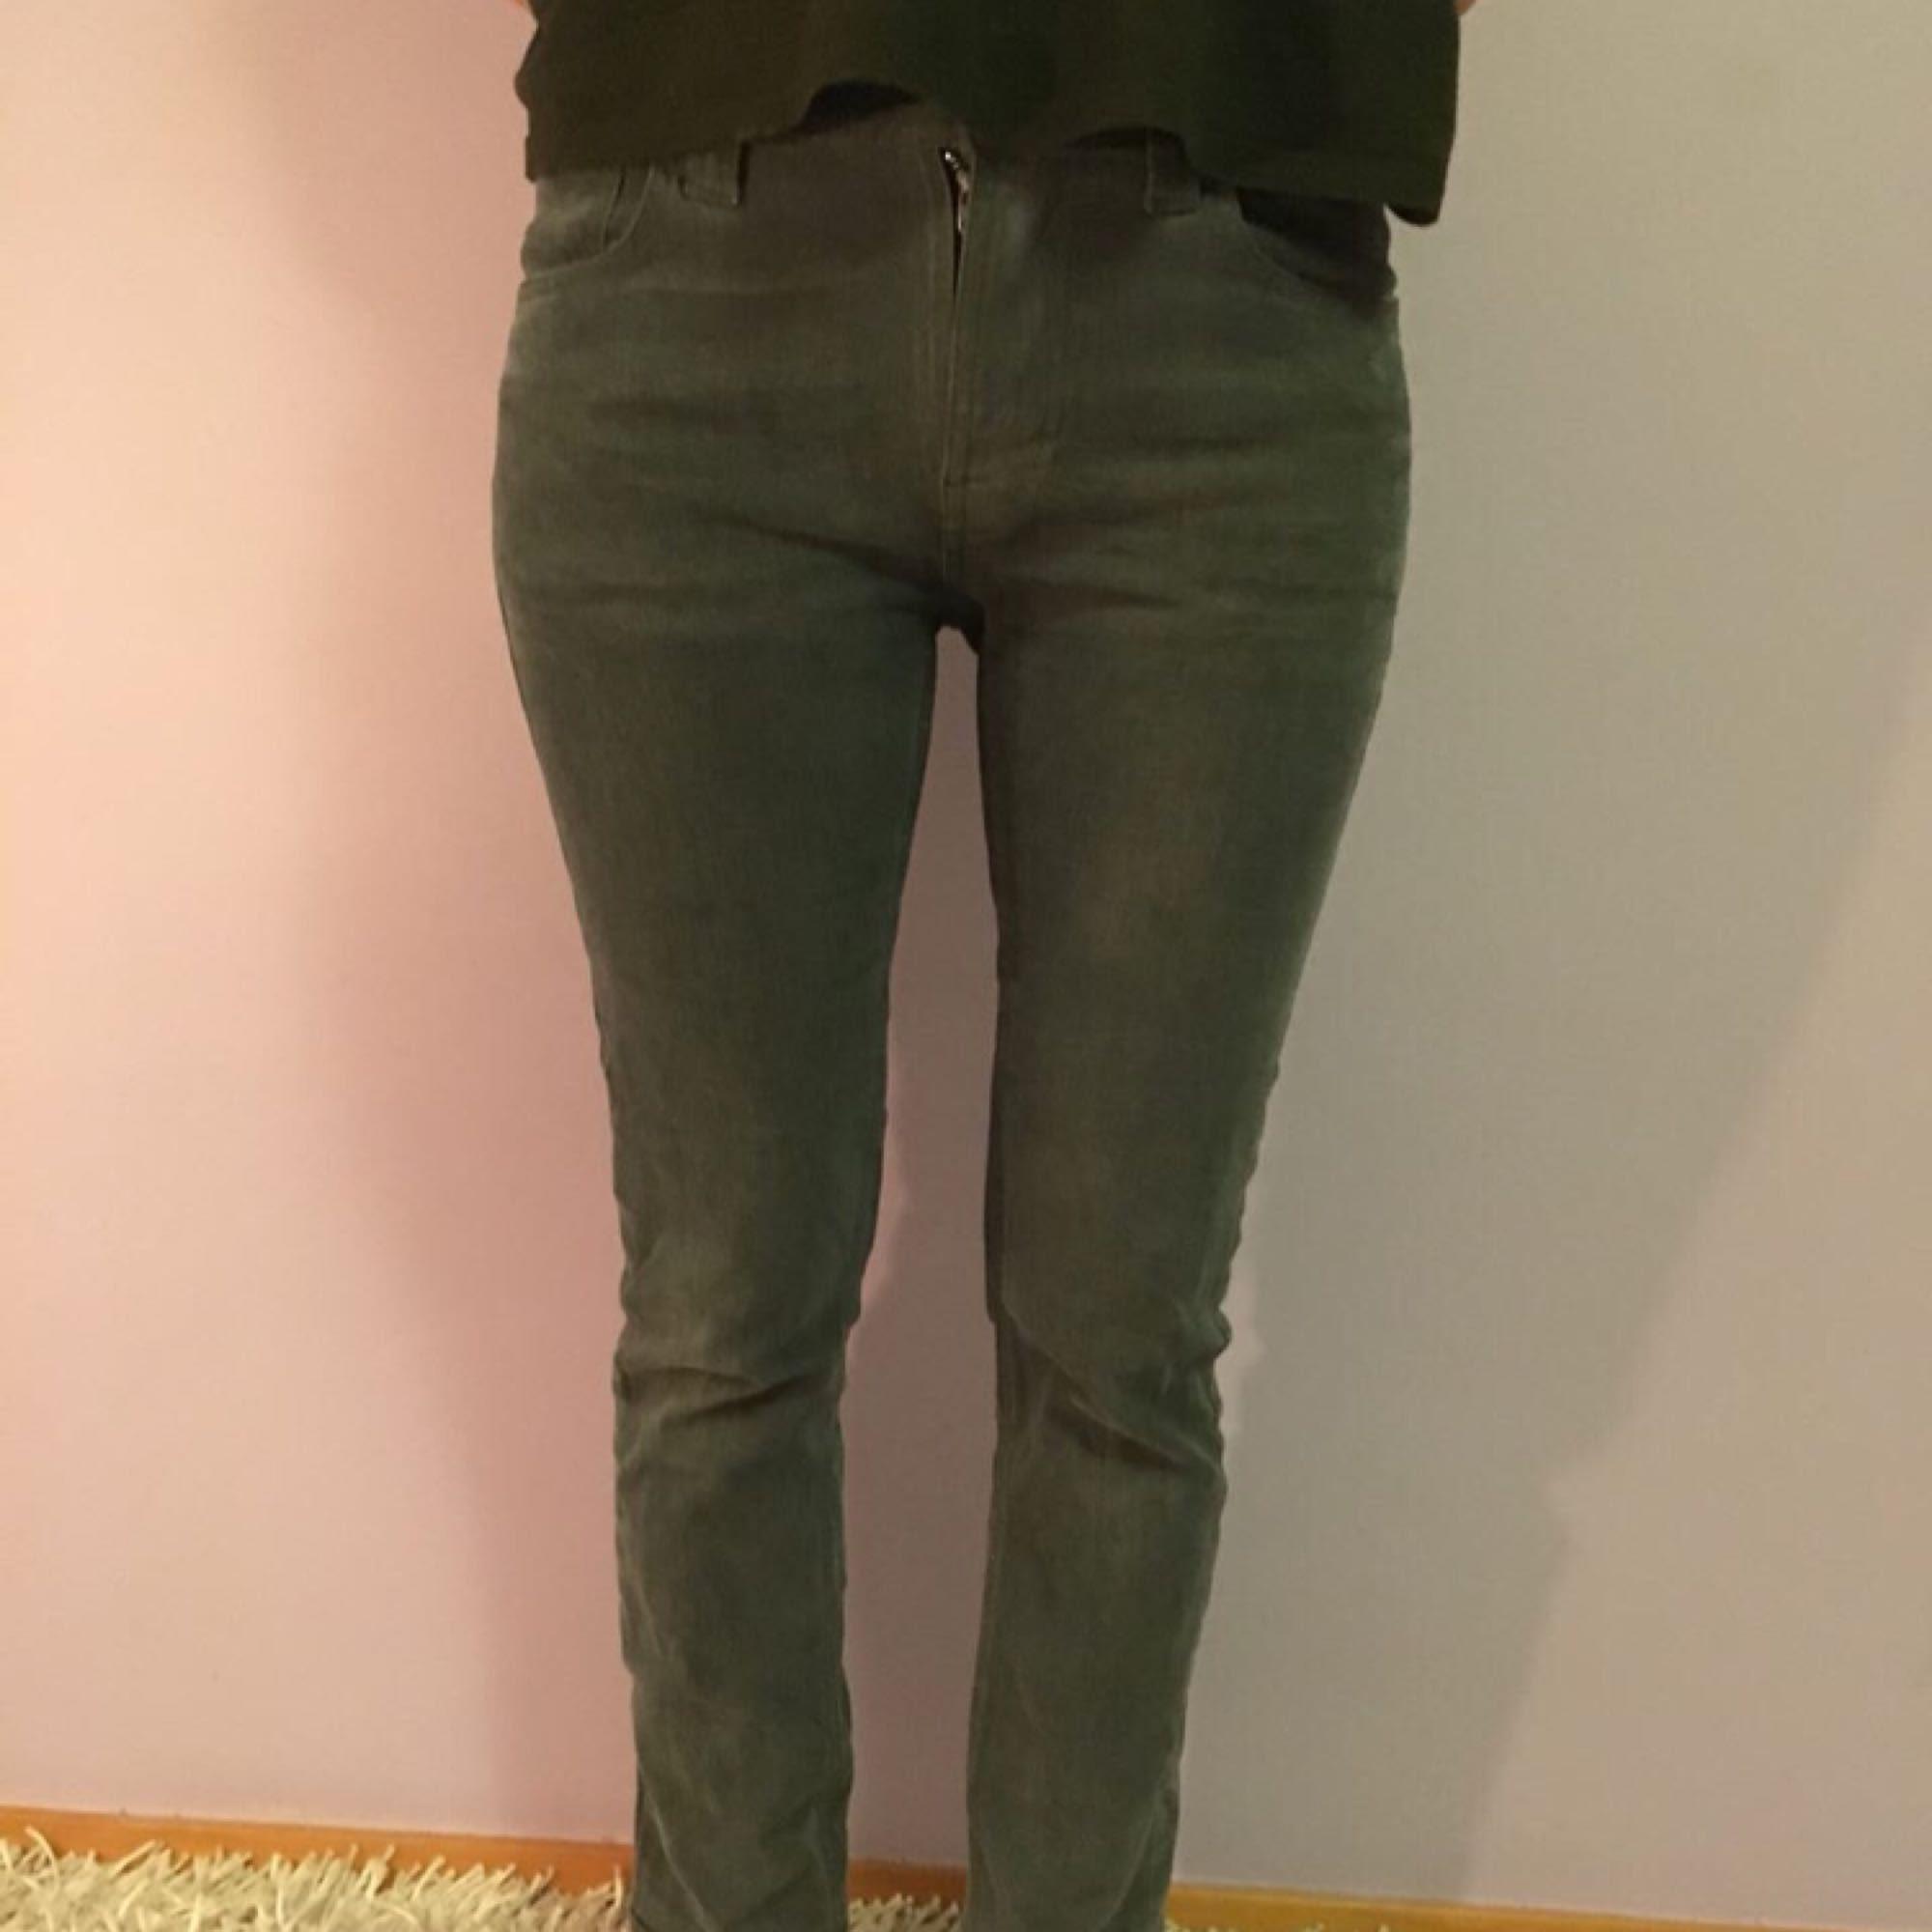 ORGANIC JEANS FROM NUDIE JEANS, ekologiska jeans, sydda i slutet, är 167 cm lång så det passar folk nära den längden, har storlek S. Gråa jeans.. Jeans & Byxor.